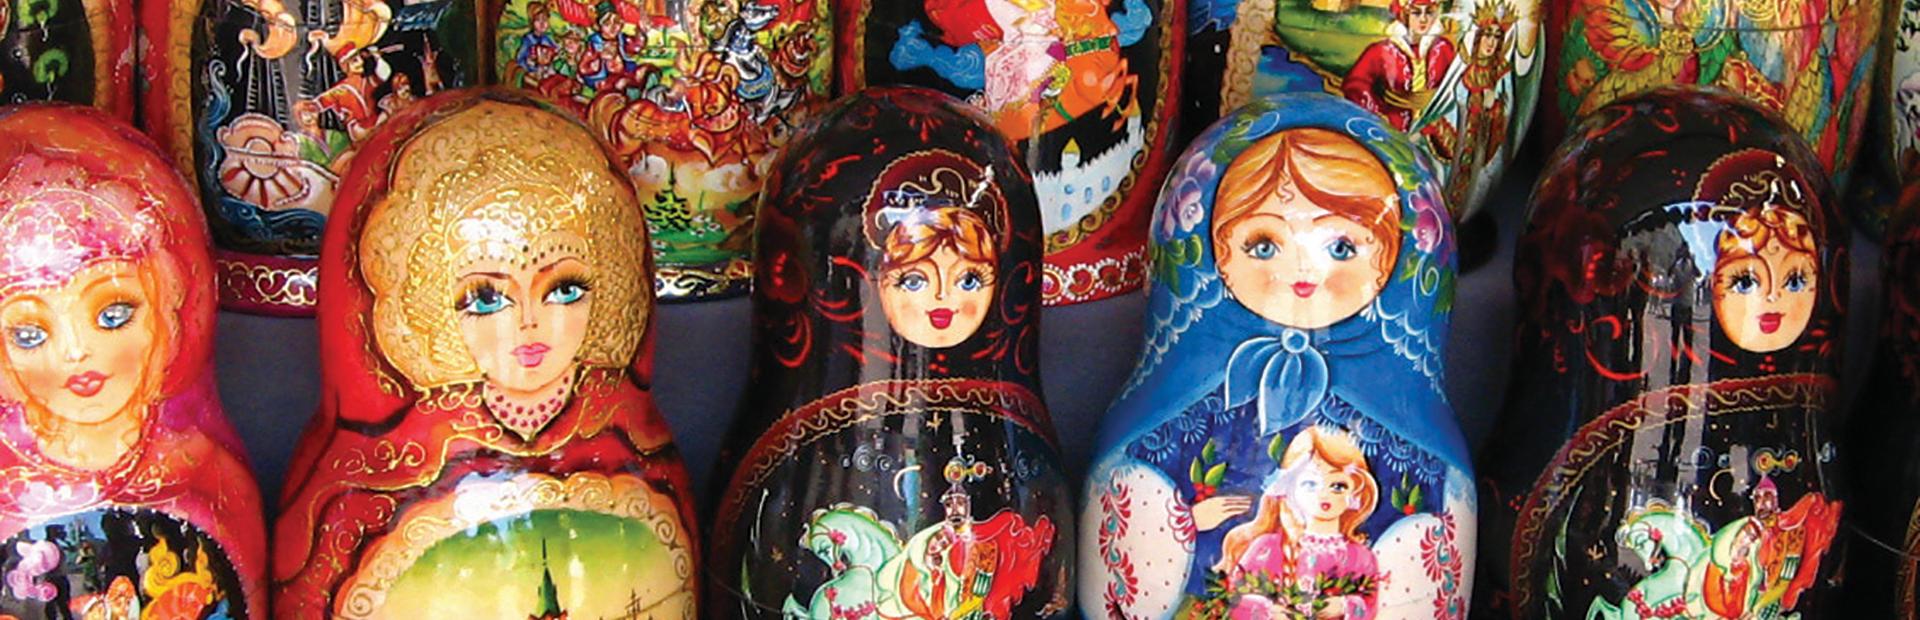 Matryoshka-Dolls-Moscow